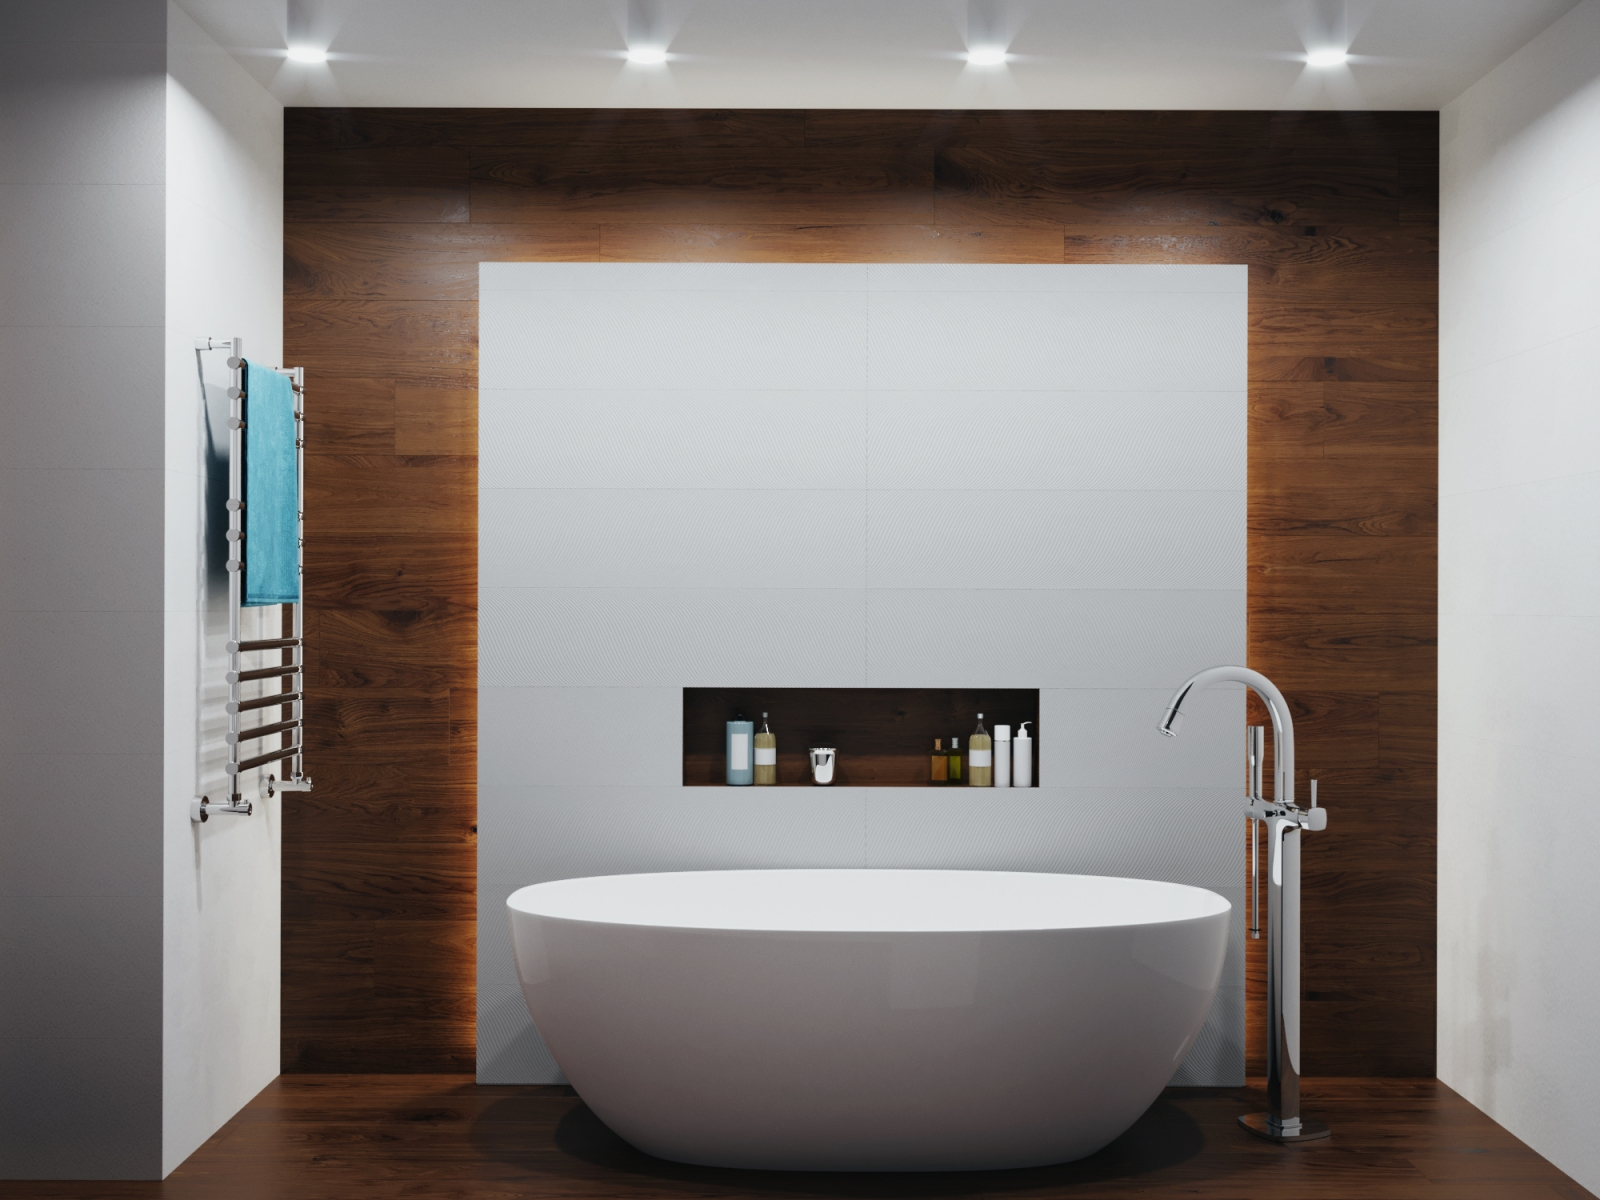 Warm Bathroom Visualization